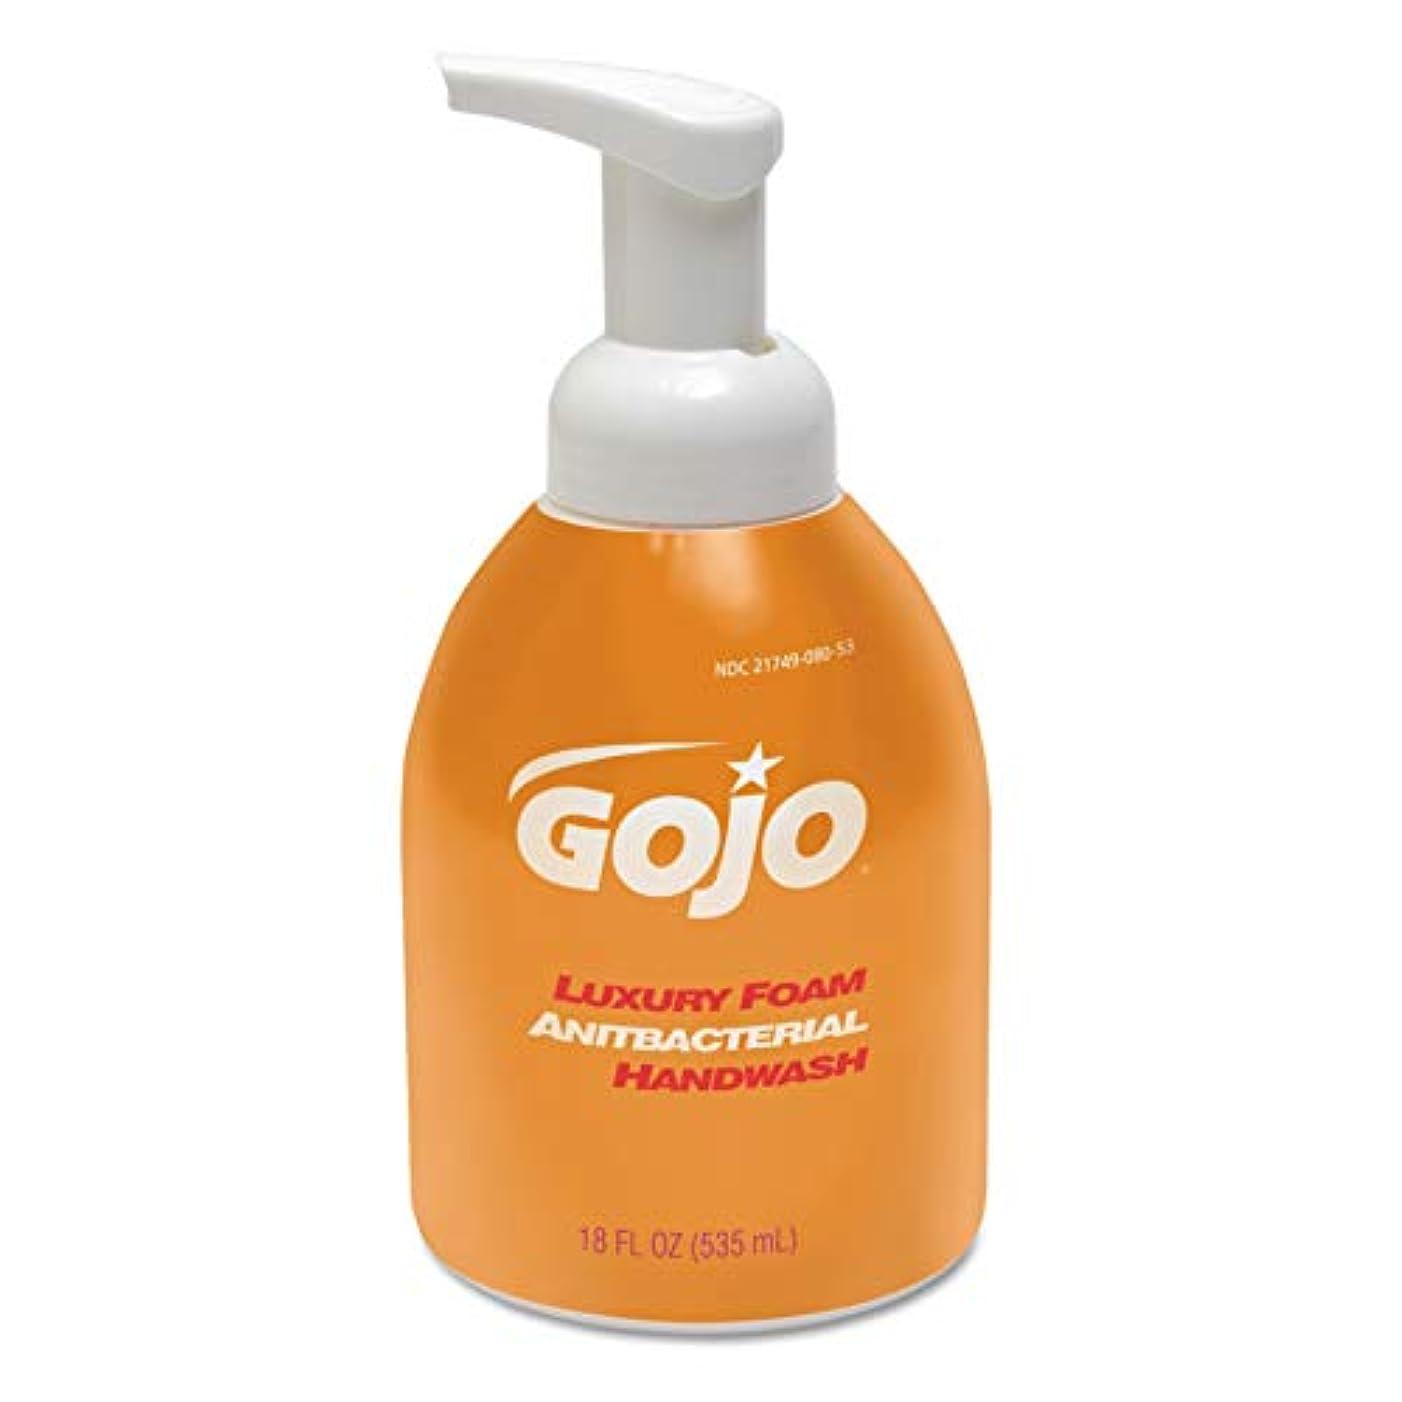 帰するおびえた外科医Luxury Foam Antibacterial Handwash, Orange Blossom, 18 oz Pump (並行輸入品)